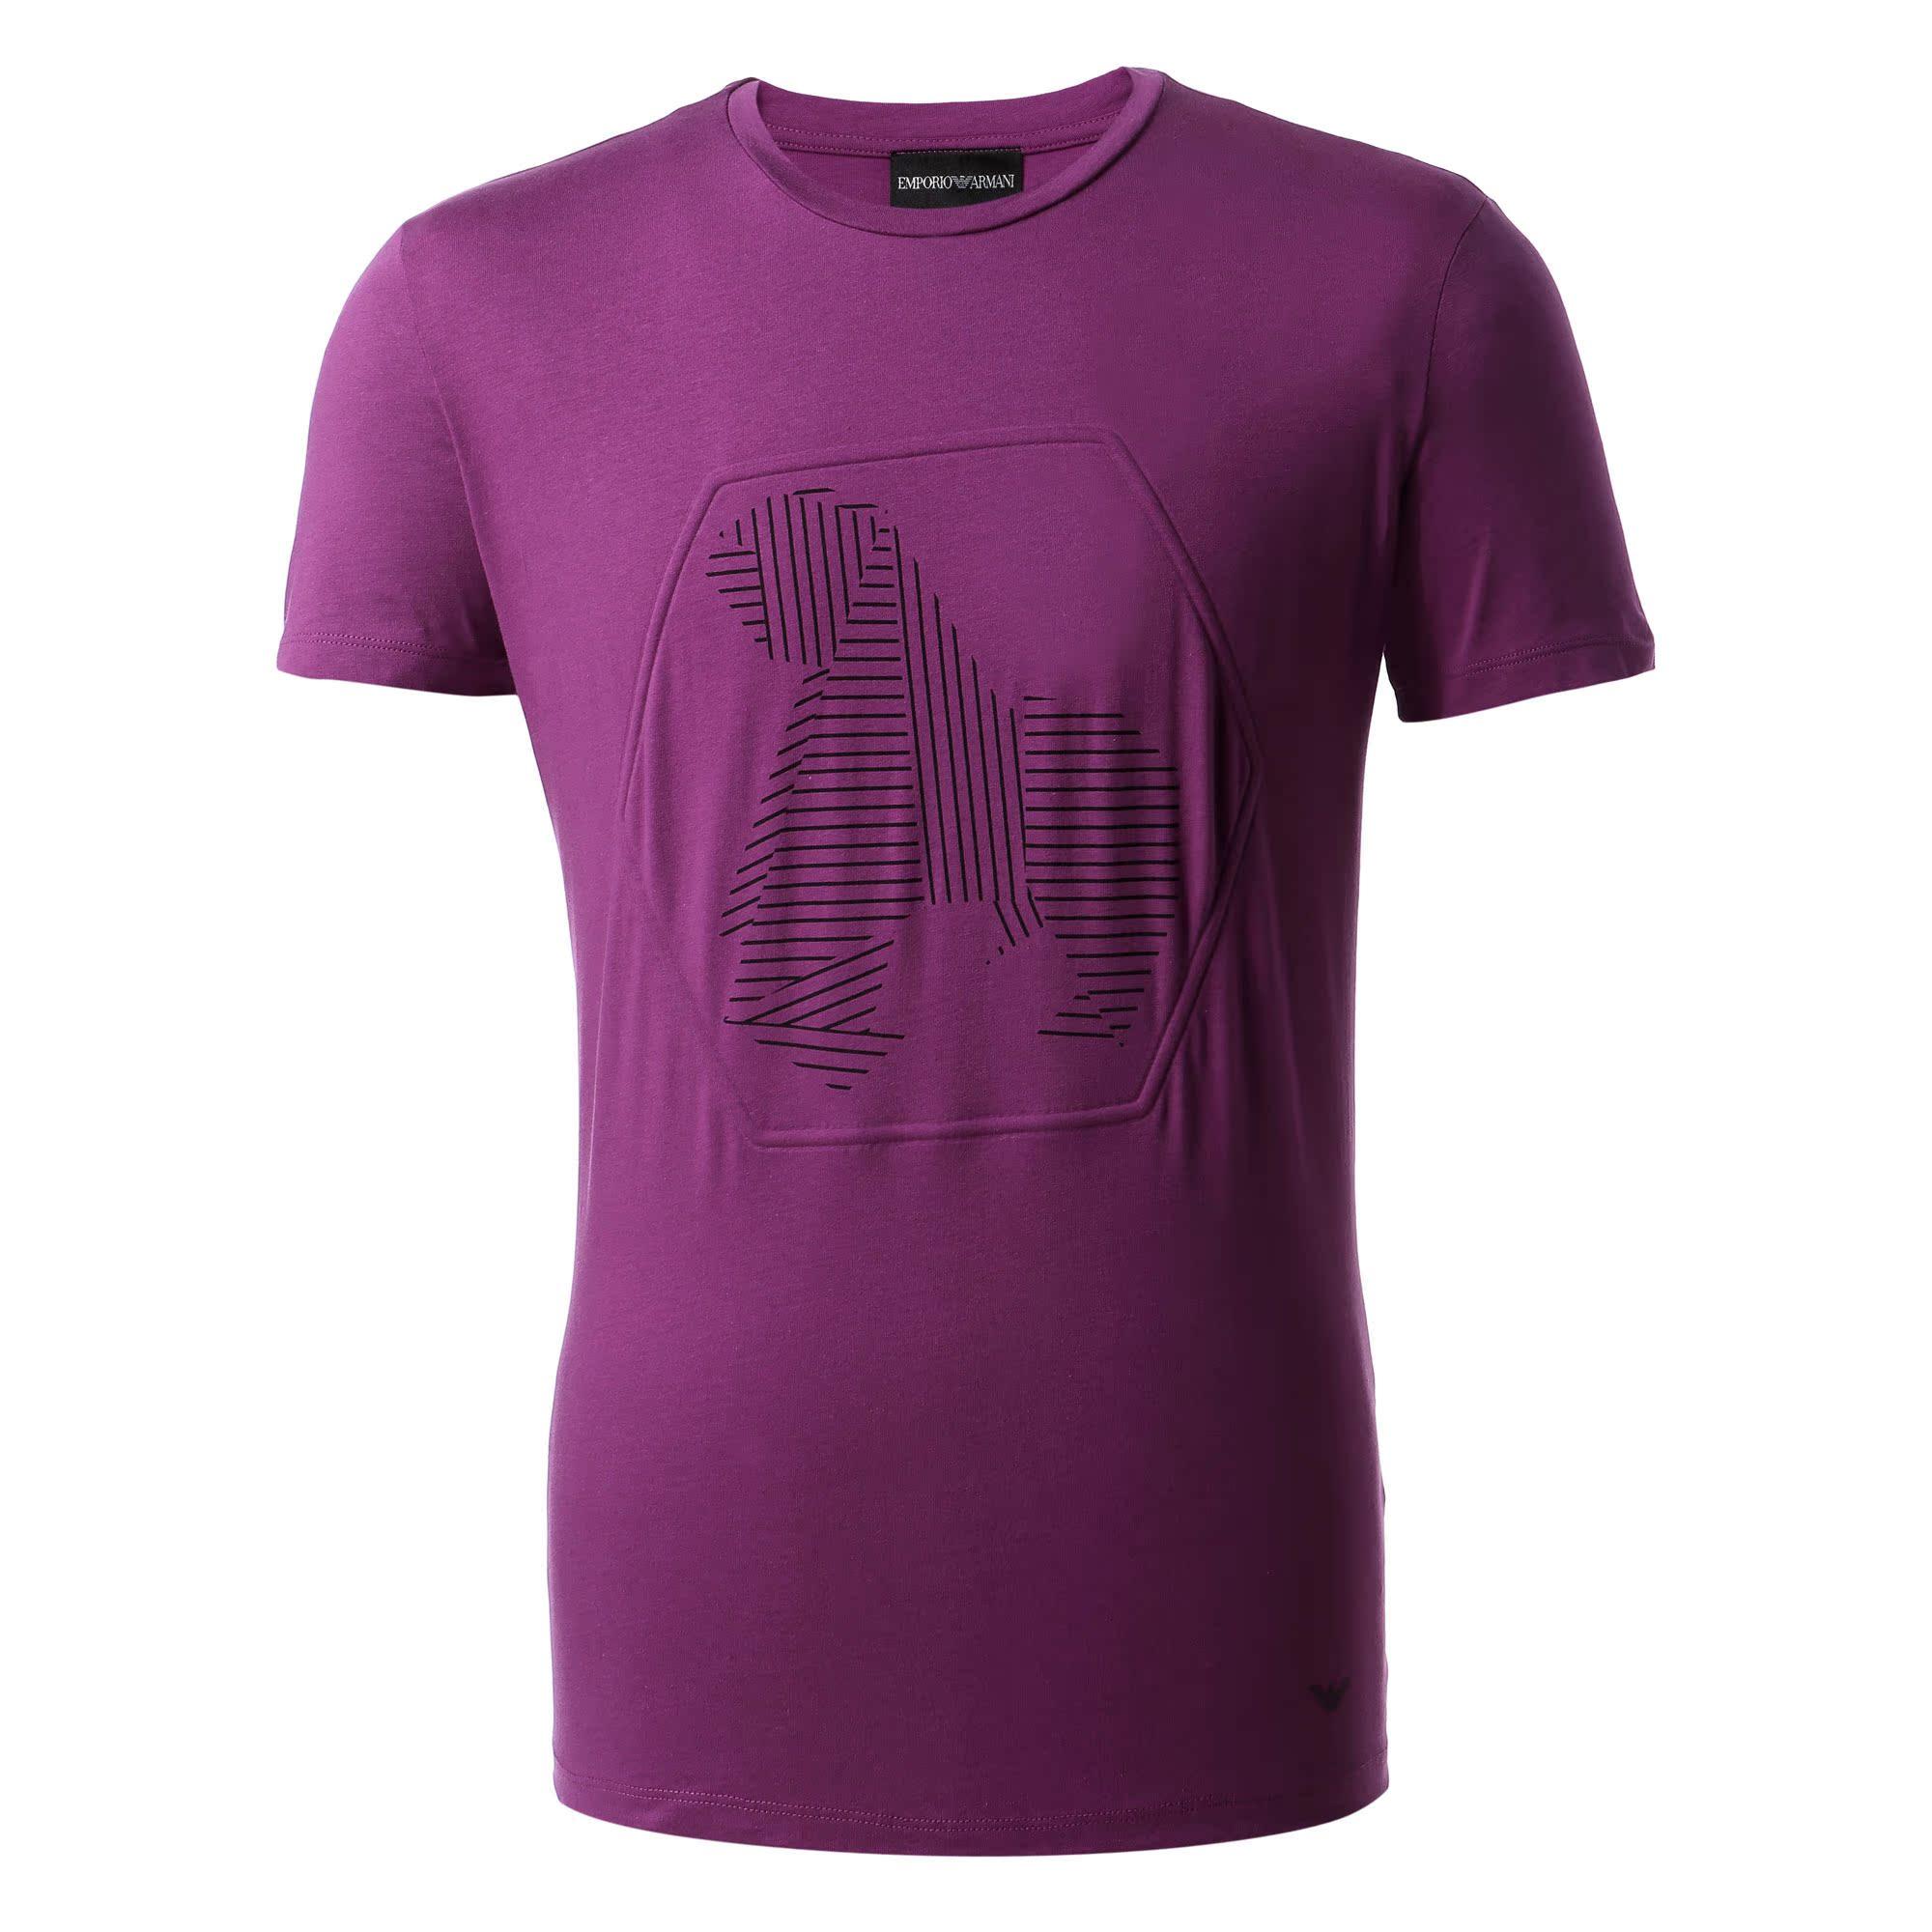 Футболка мужская Armani 56066 ]EA футболка мужская emporio armani anh05 cc ea